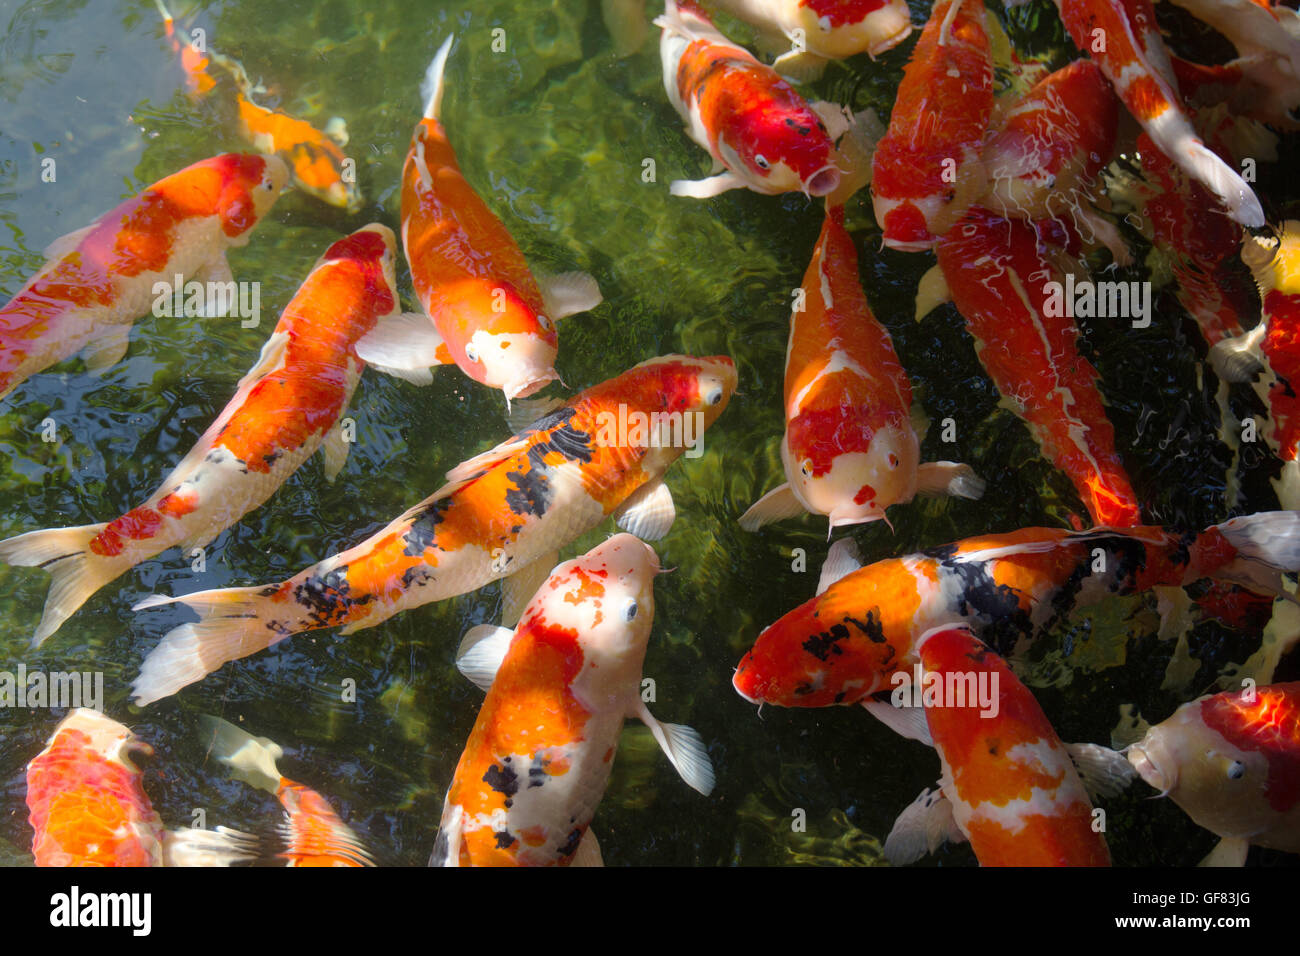 Carp koi fish orange color in pond stock photo royalty for Koi pond color